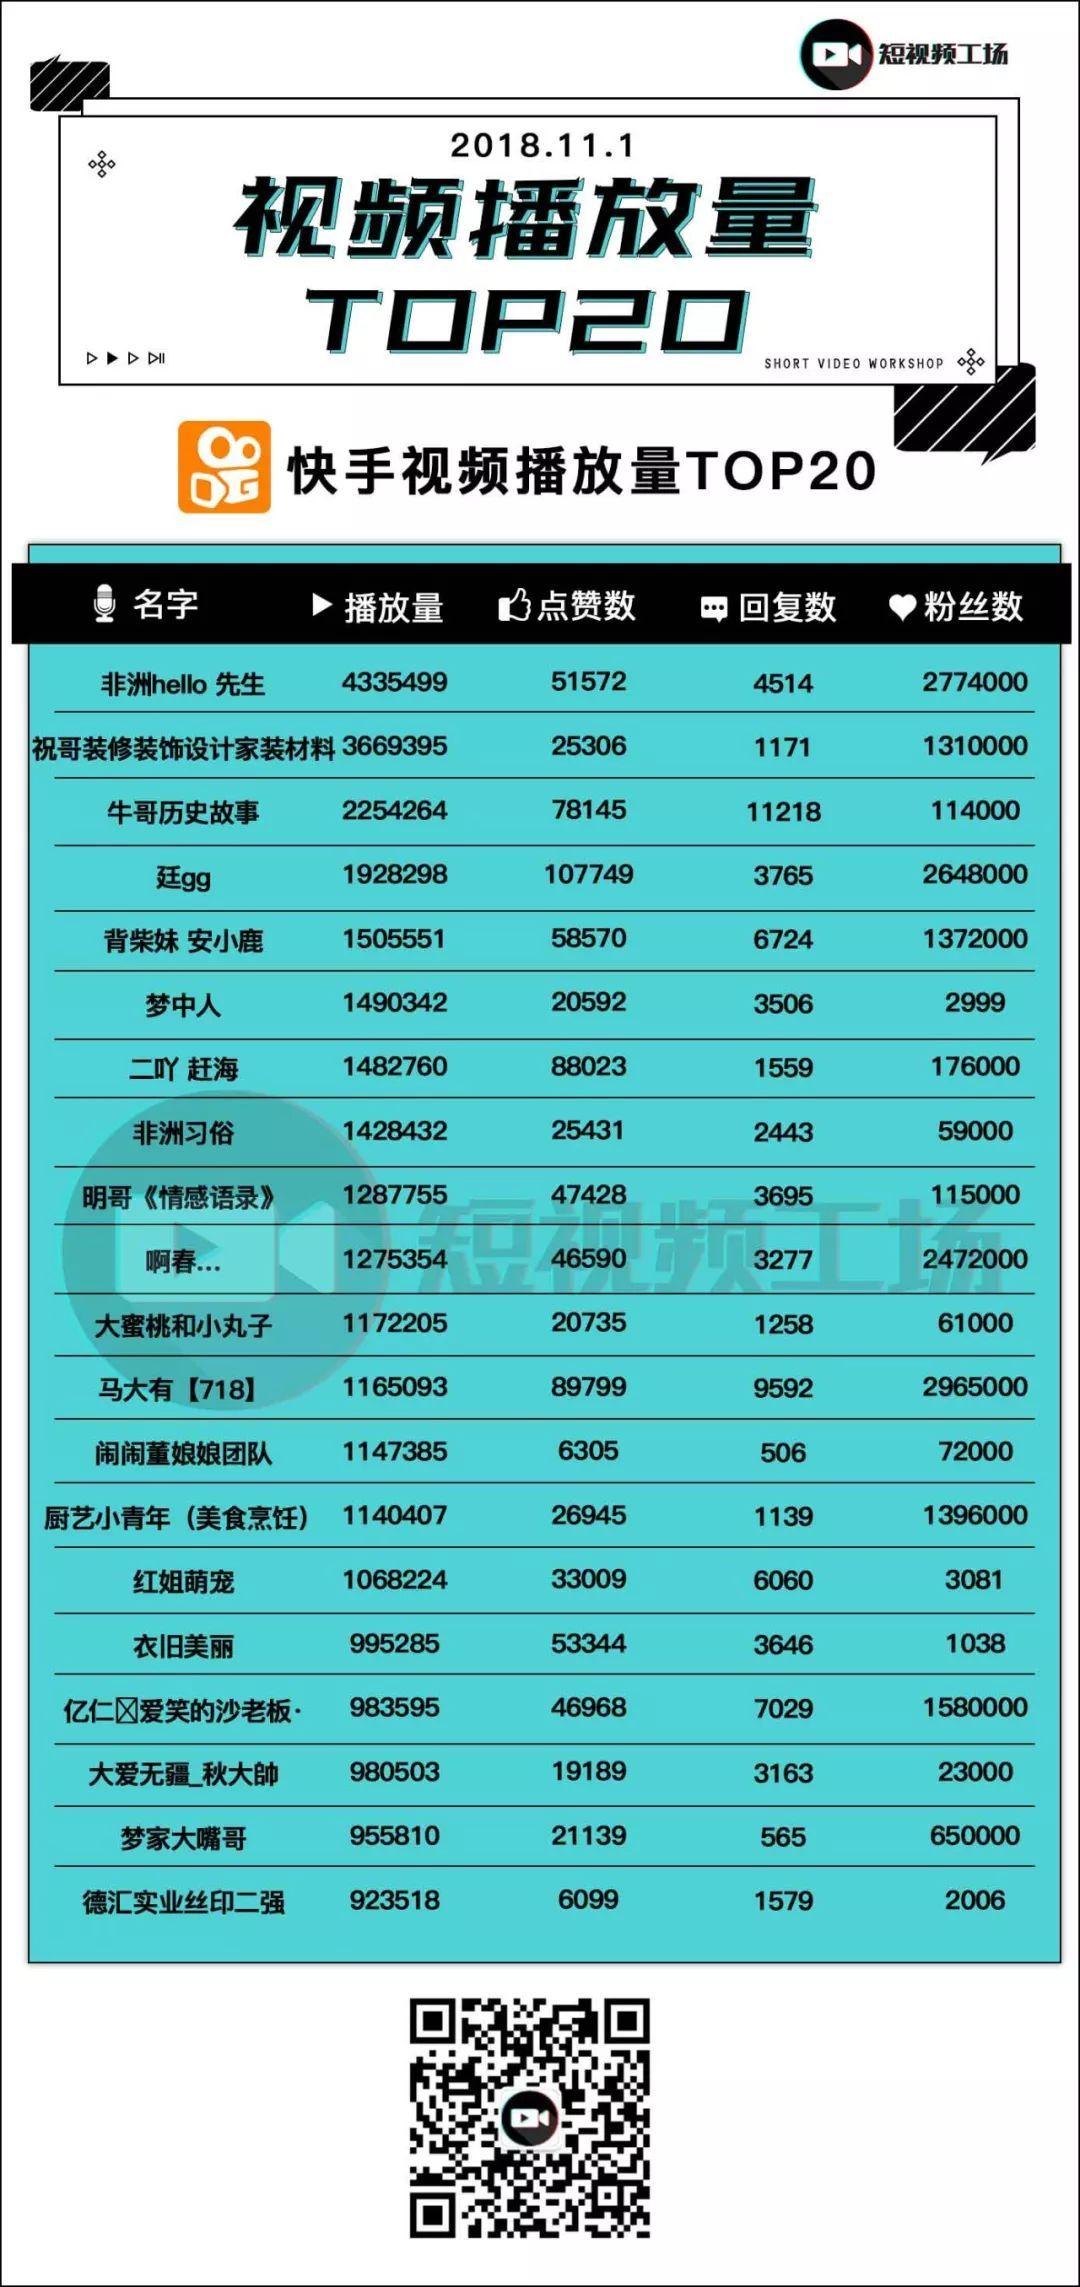 """短视频榜(111) 微视推出定制化硬件;爱奇艺""""姜饼""""APP正式上线;腾讯加大头部内容扶持"""